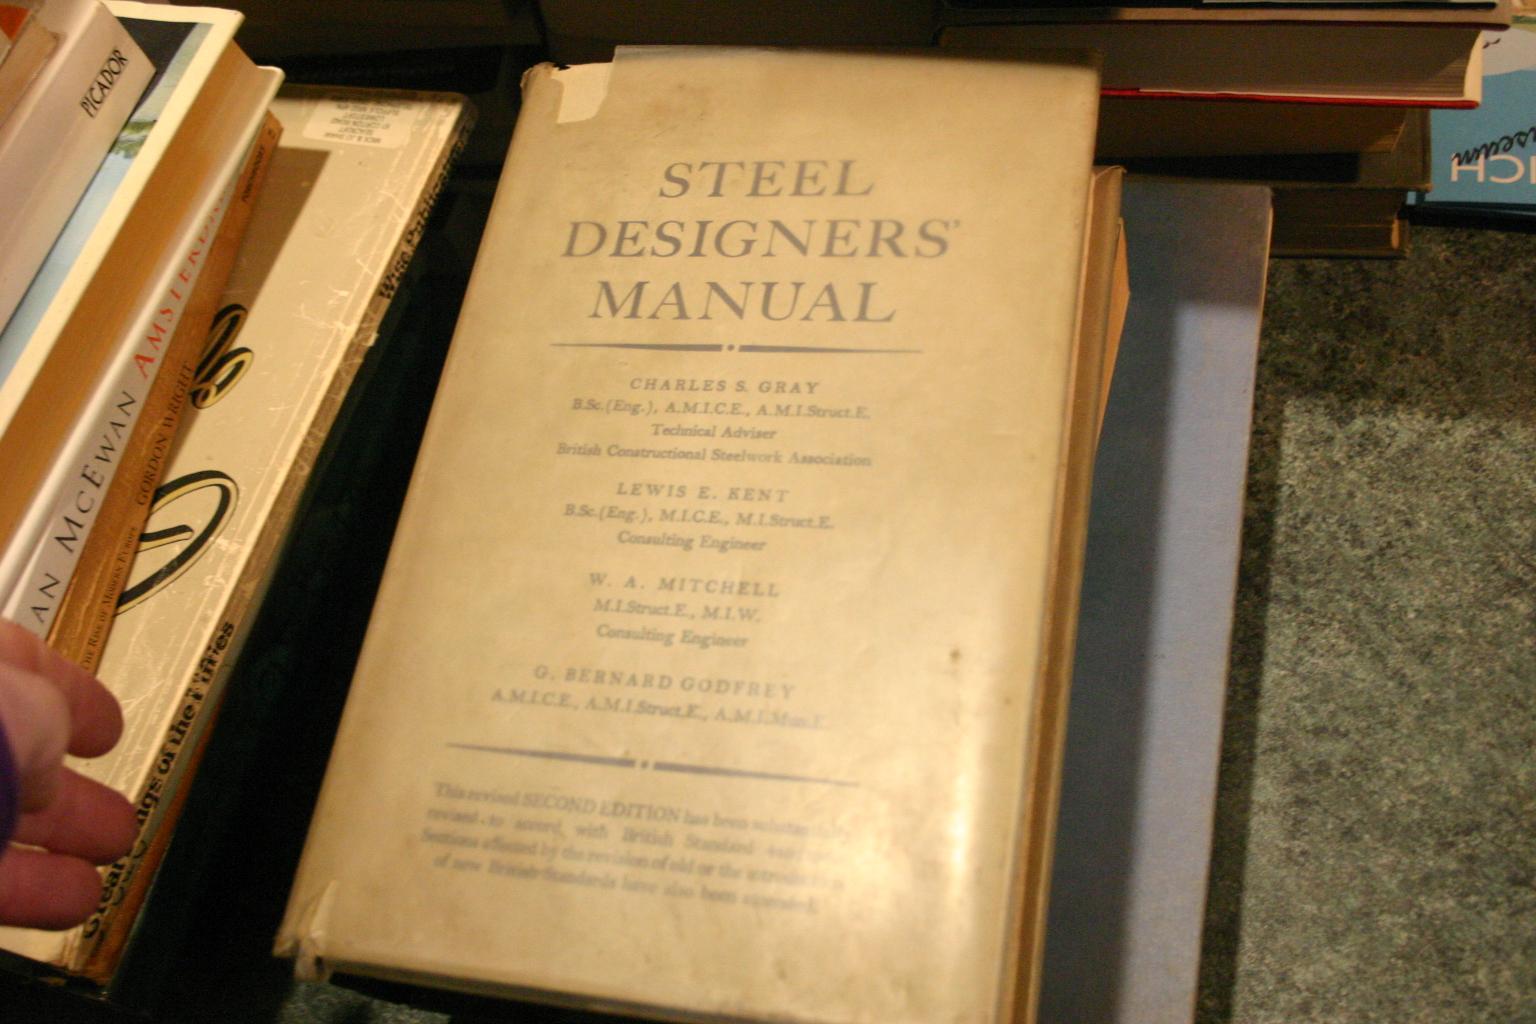 steel designers manual abebooks rh abebooks com AISC Steel Manual 14th Edition AISC Steel Manual PDF